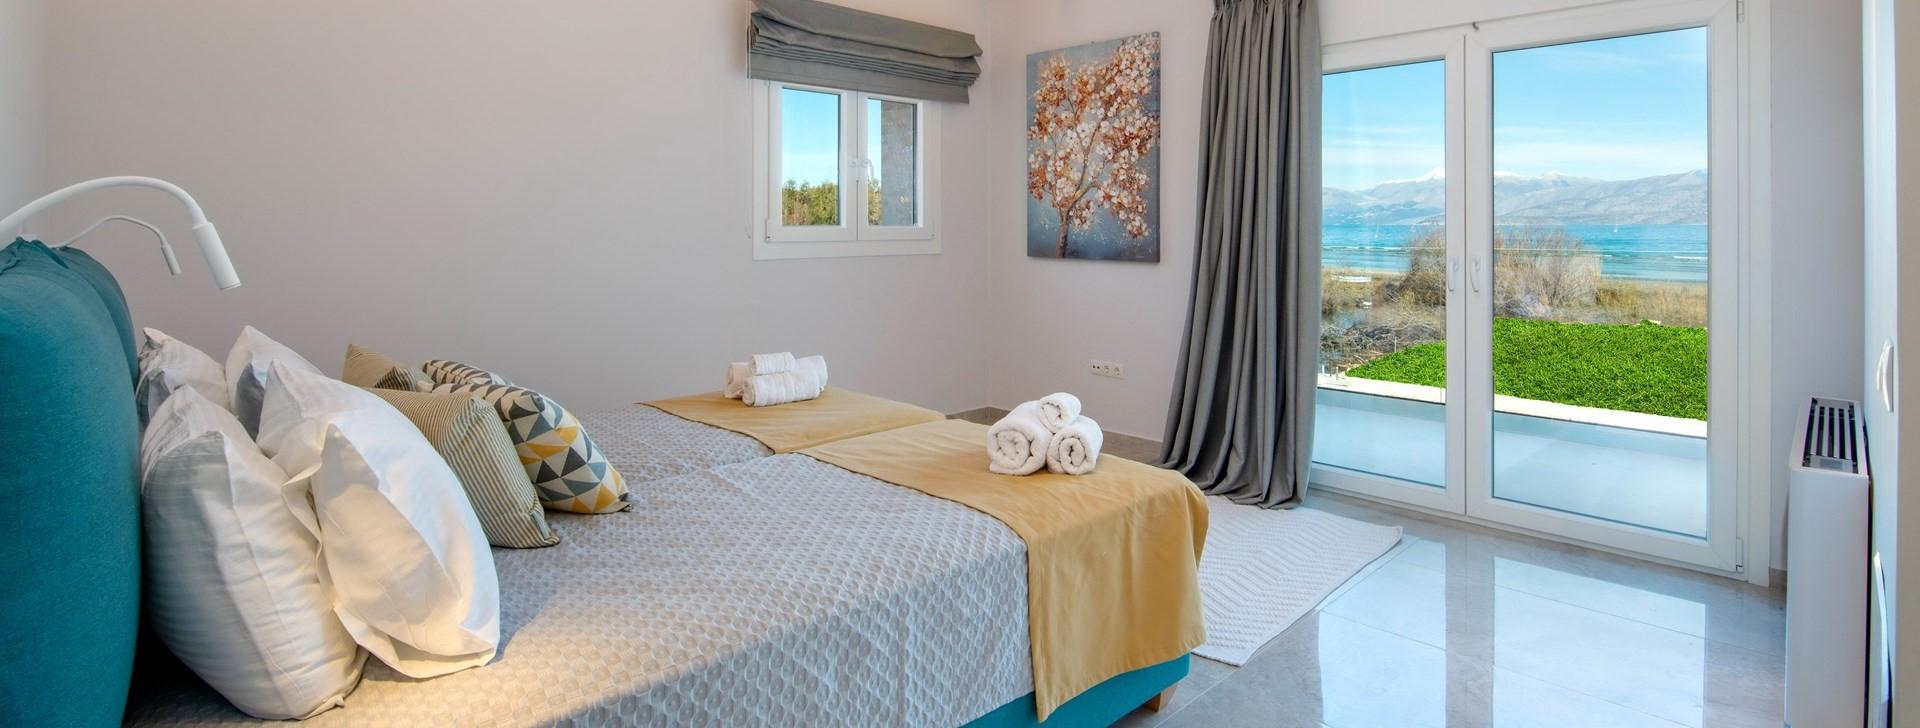 nero-beach-house-twin-bedroom-1